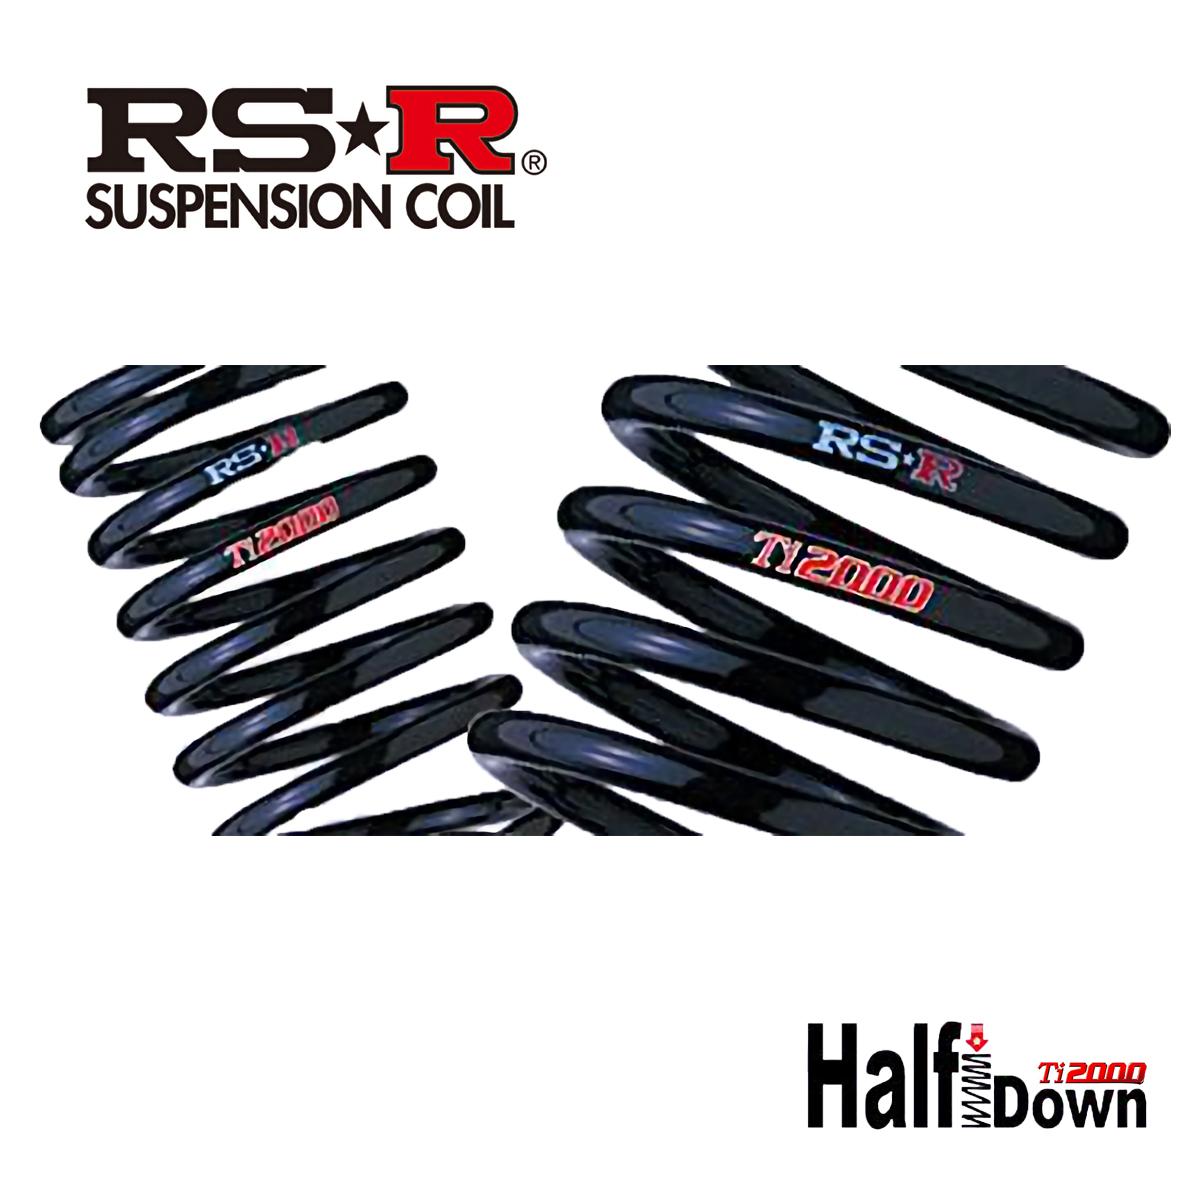 RS-R ムーブ ムーヴ MOVE LA150S カスタムXリミテッドSA ダウンサス スプリング リア D200THDR Ti2000 ハーフダウン RSR 個人宅発送追金有